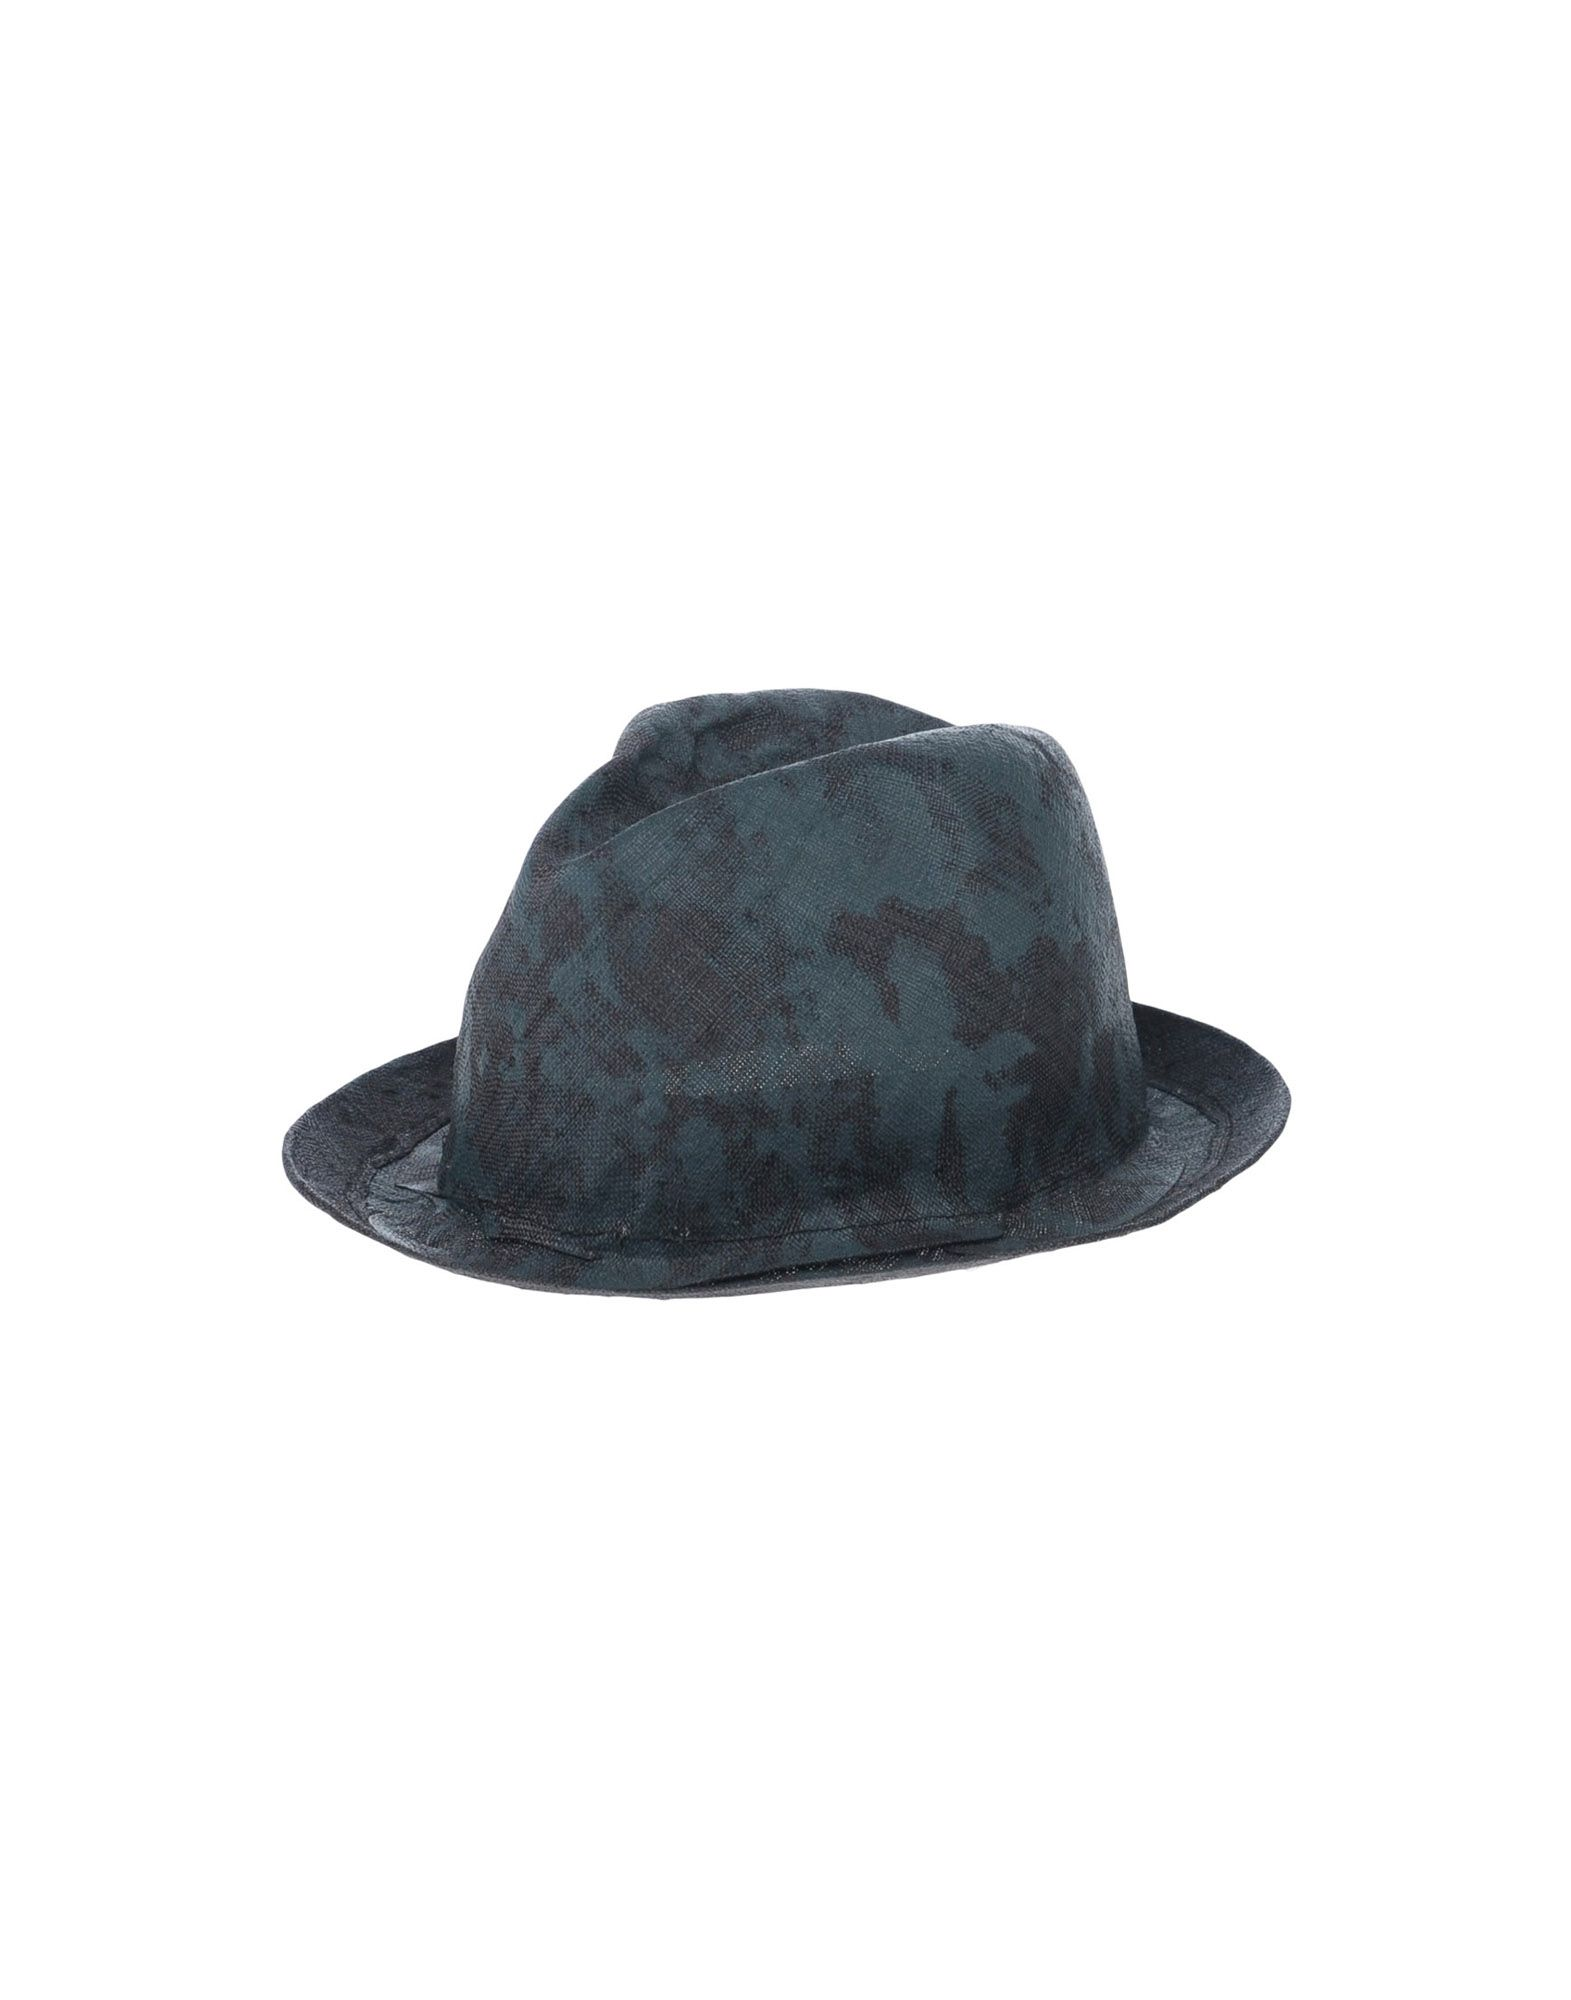 《送料無料》REINHARD PLANK レディース 帽子 ブルーグレー XL ストロー